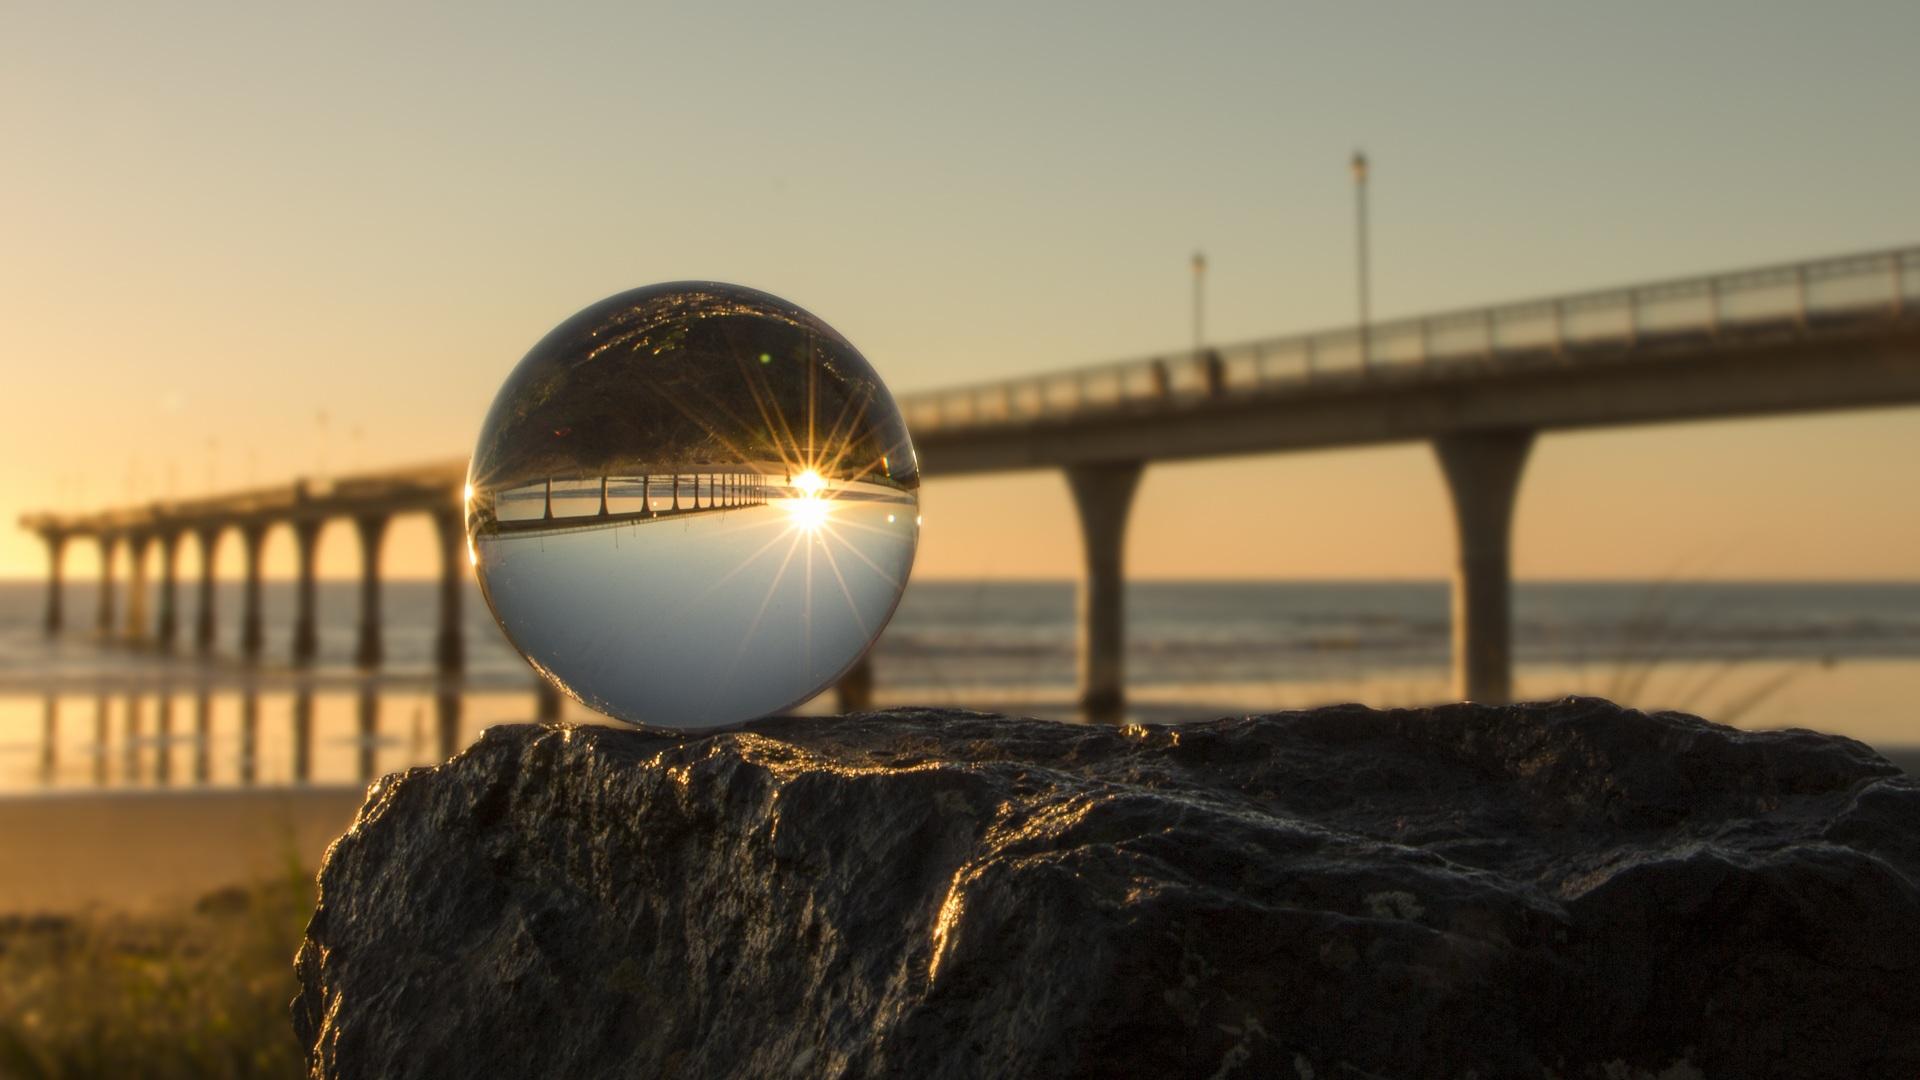 New brighton, boule de cristal, pont, Mer, luminosité, Sky, pierres - Fonds d'écran HD - Professor-falken.com